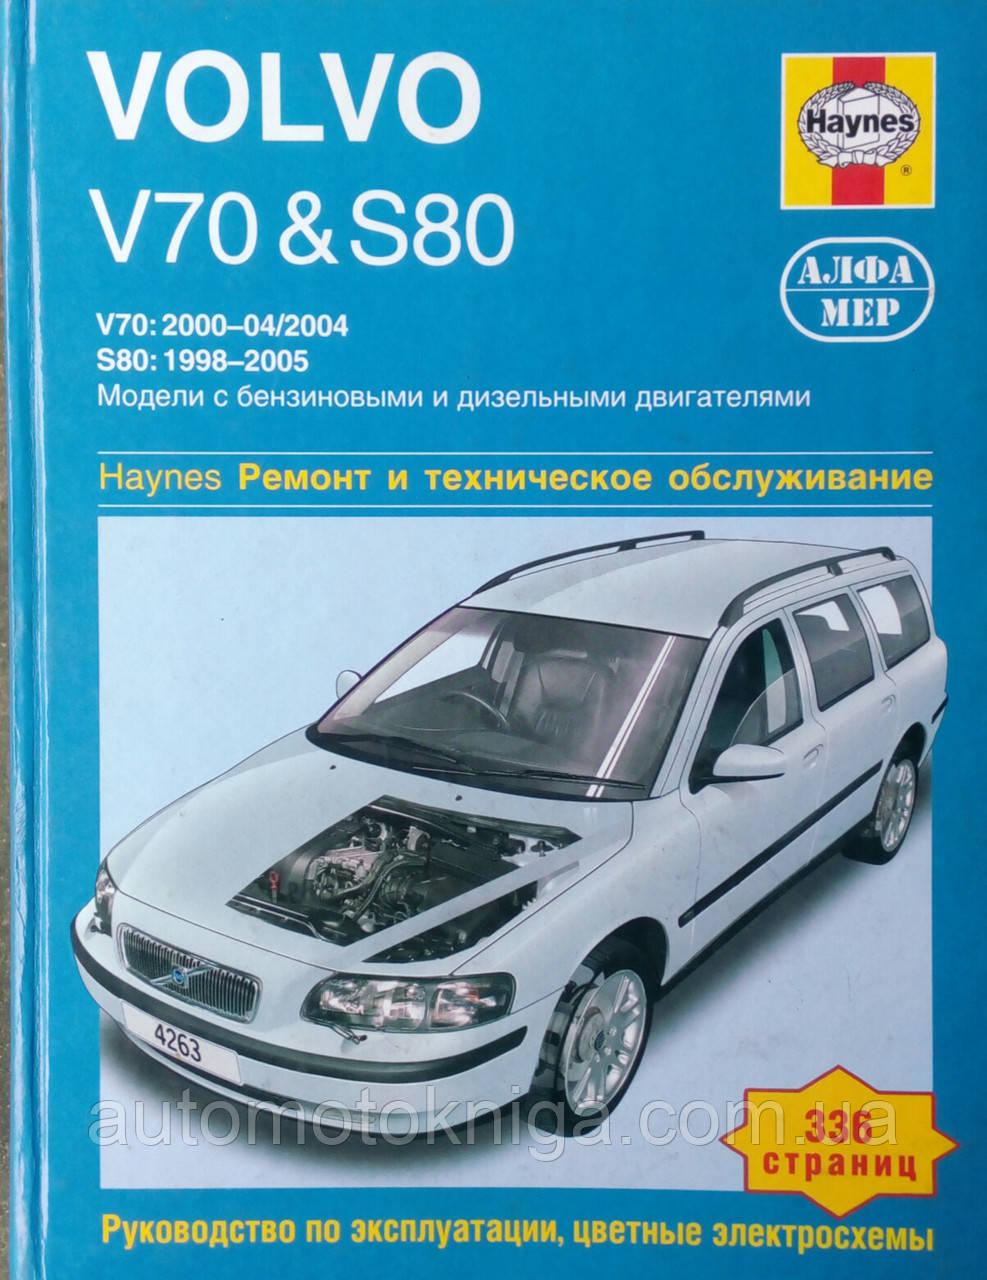 VOLVO V70 & S80 V70: 2000-04/2004 S80: 1998-2005 Бензин • дизель Керівництво по ремонту та експлуатації